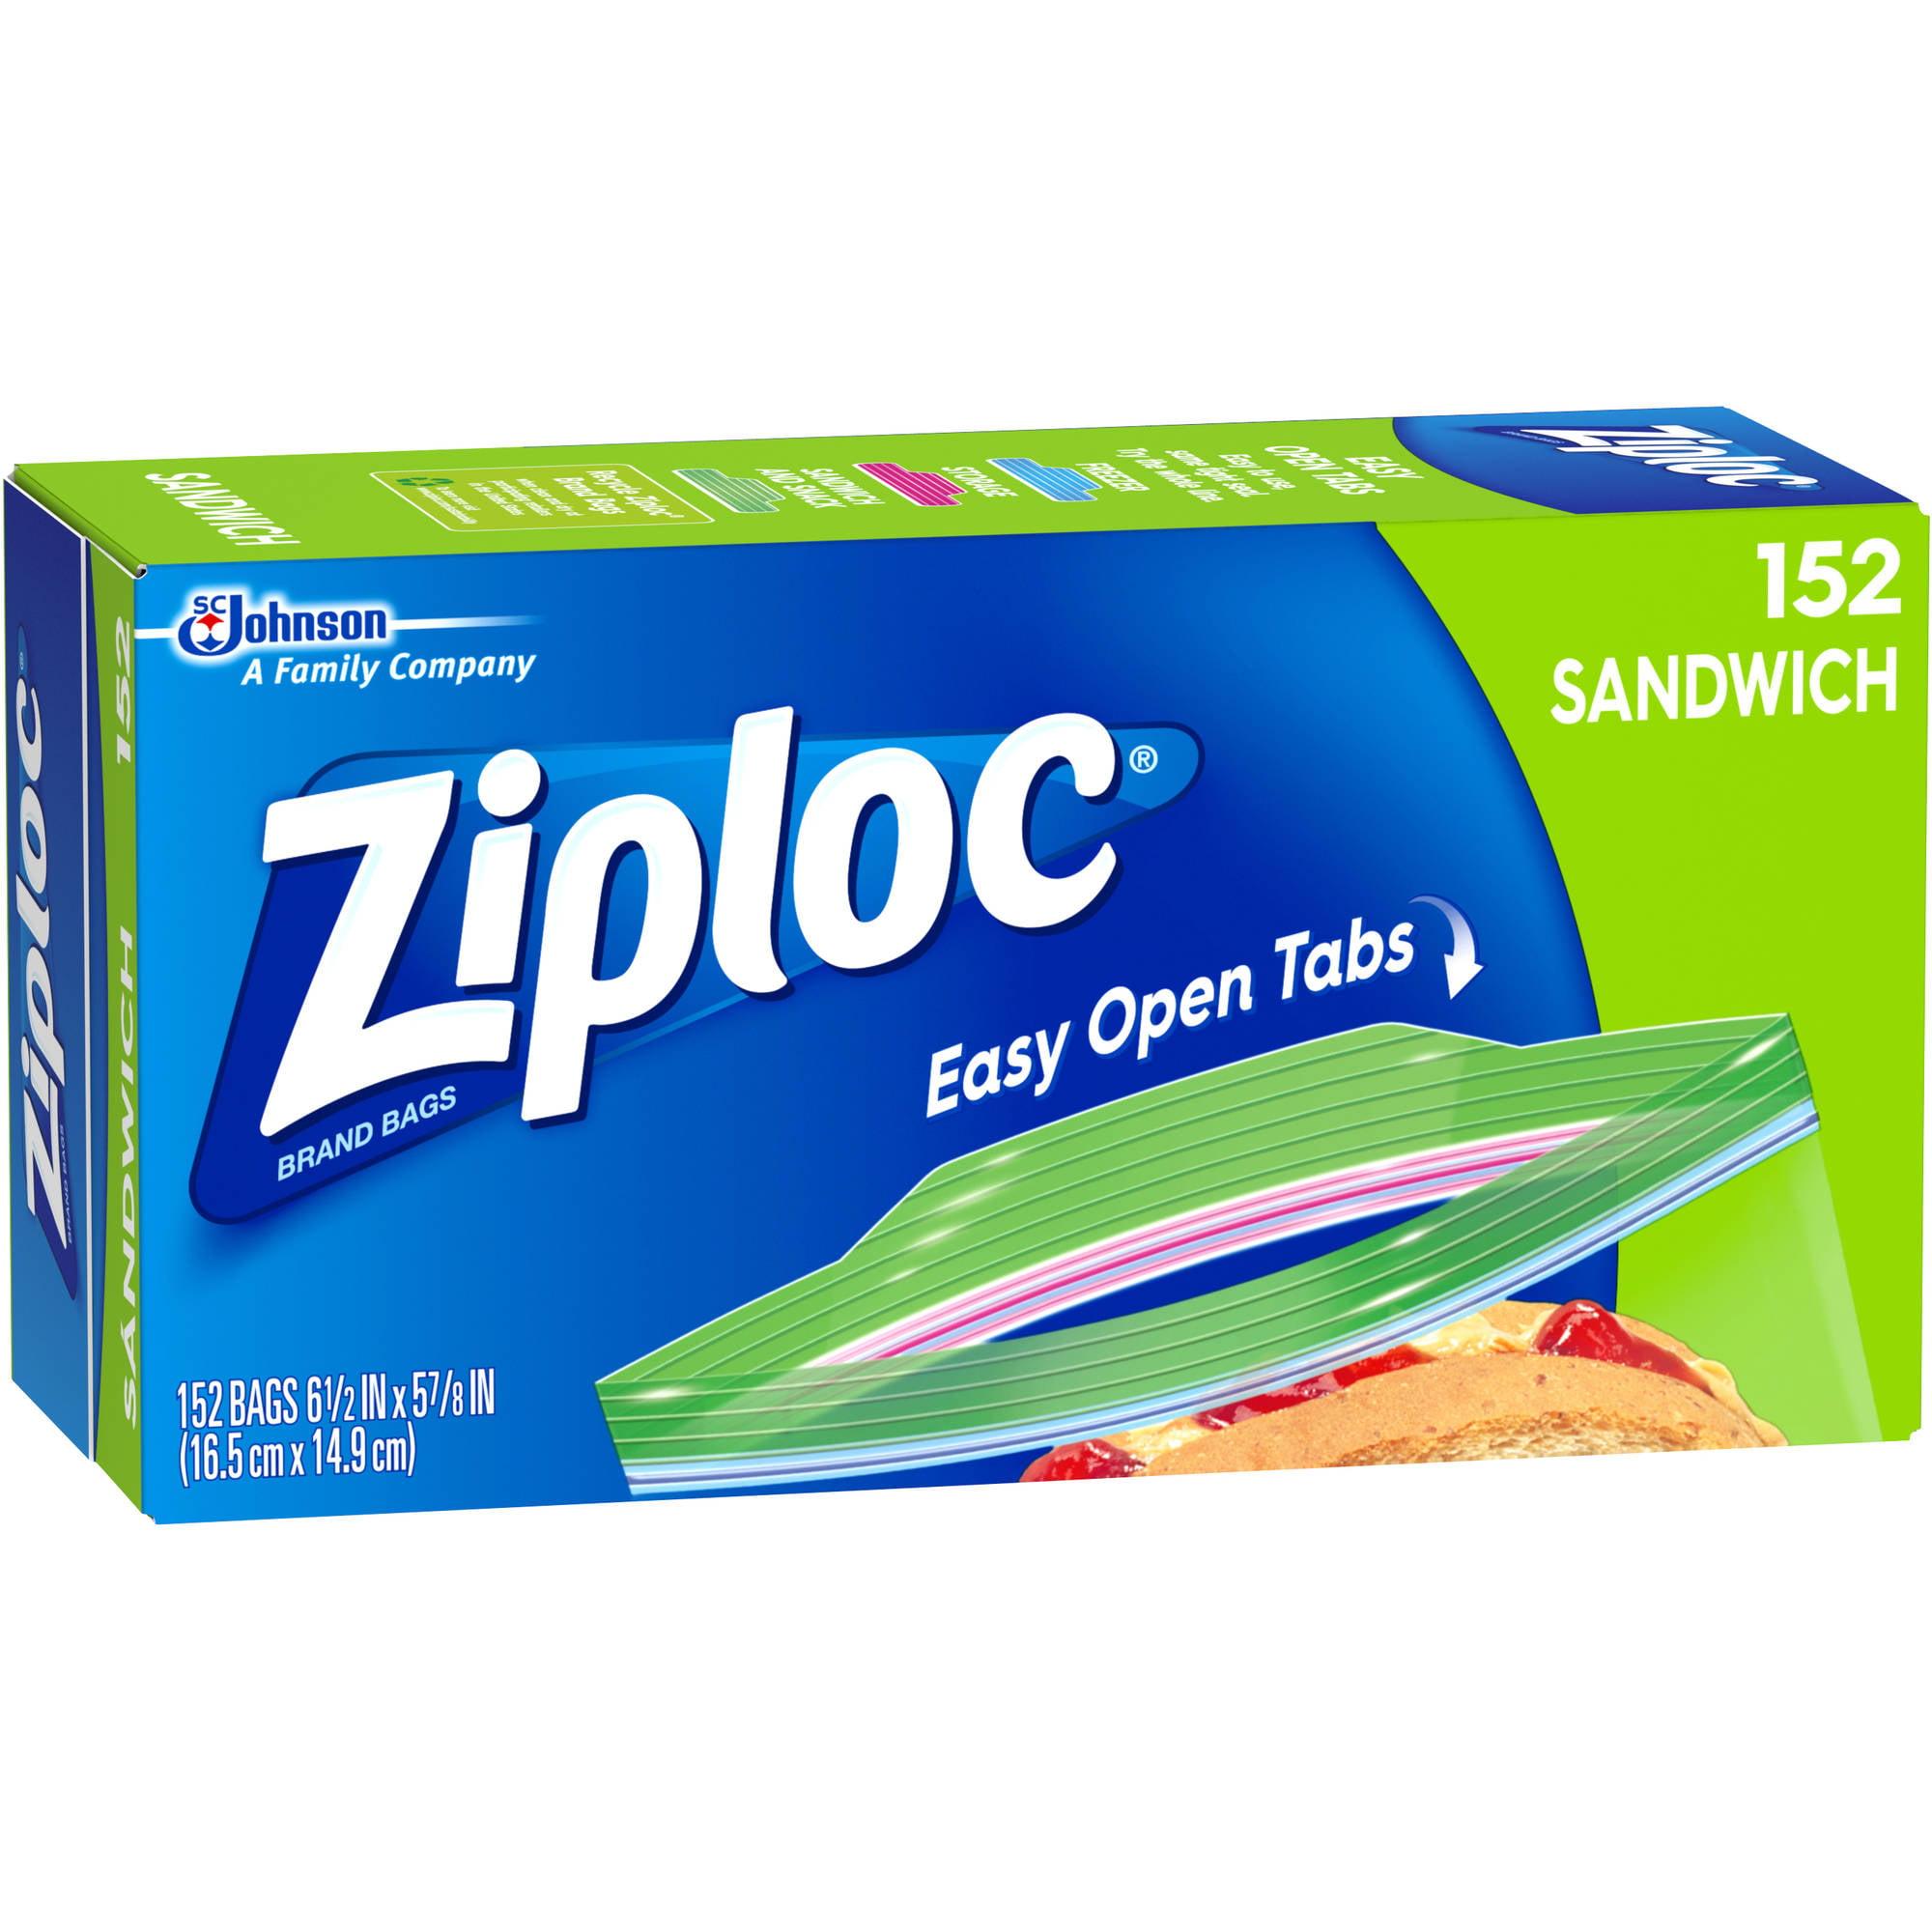 Ziploc Sandwich Bags, 152 count